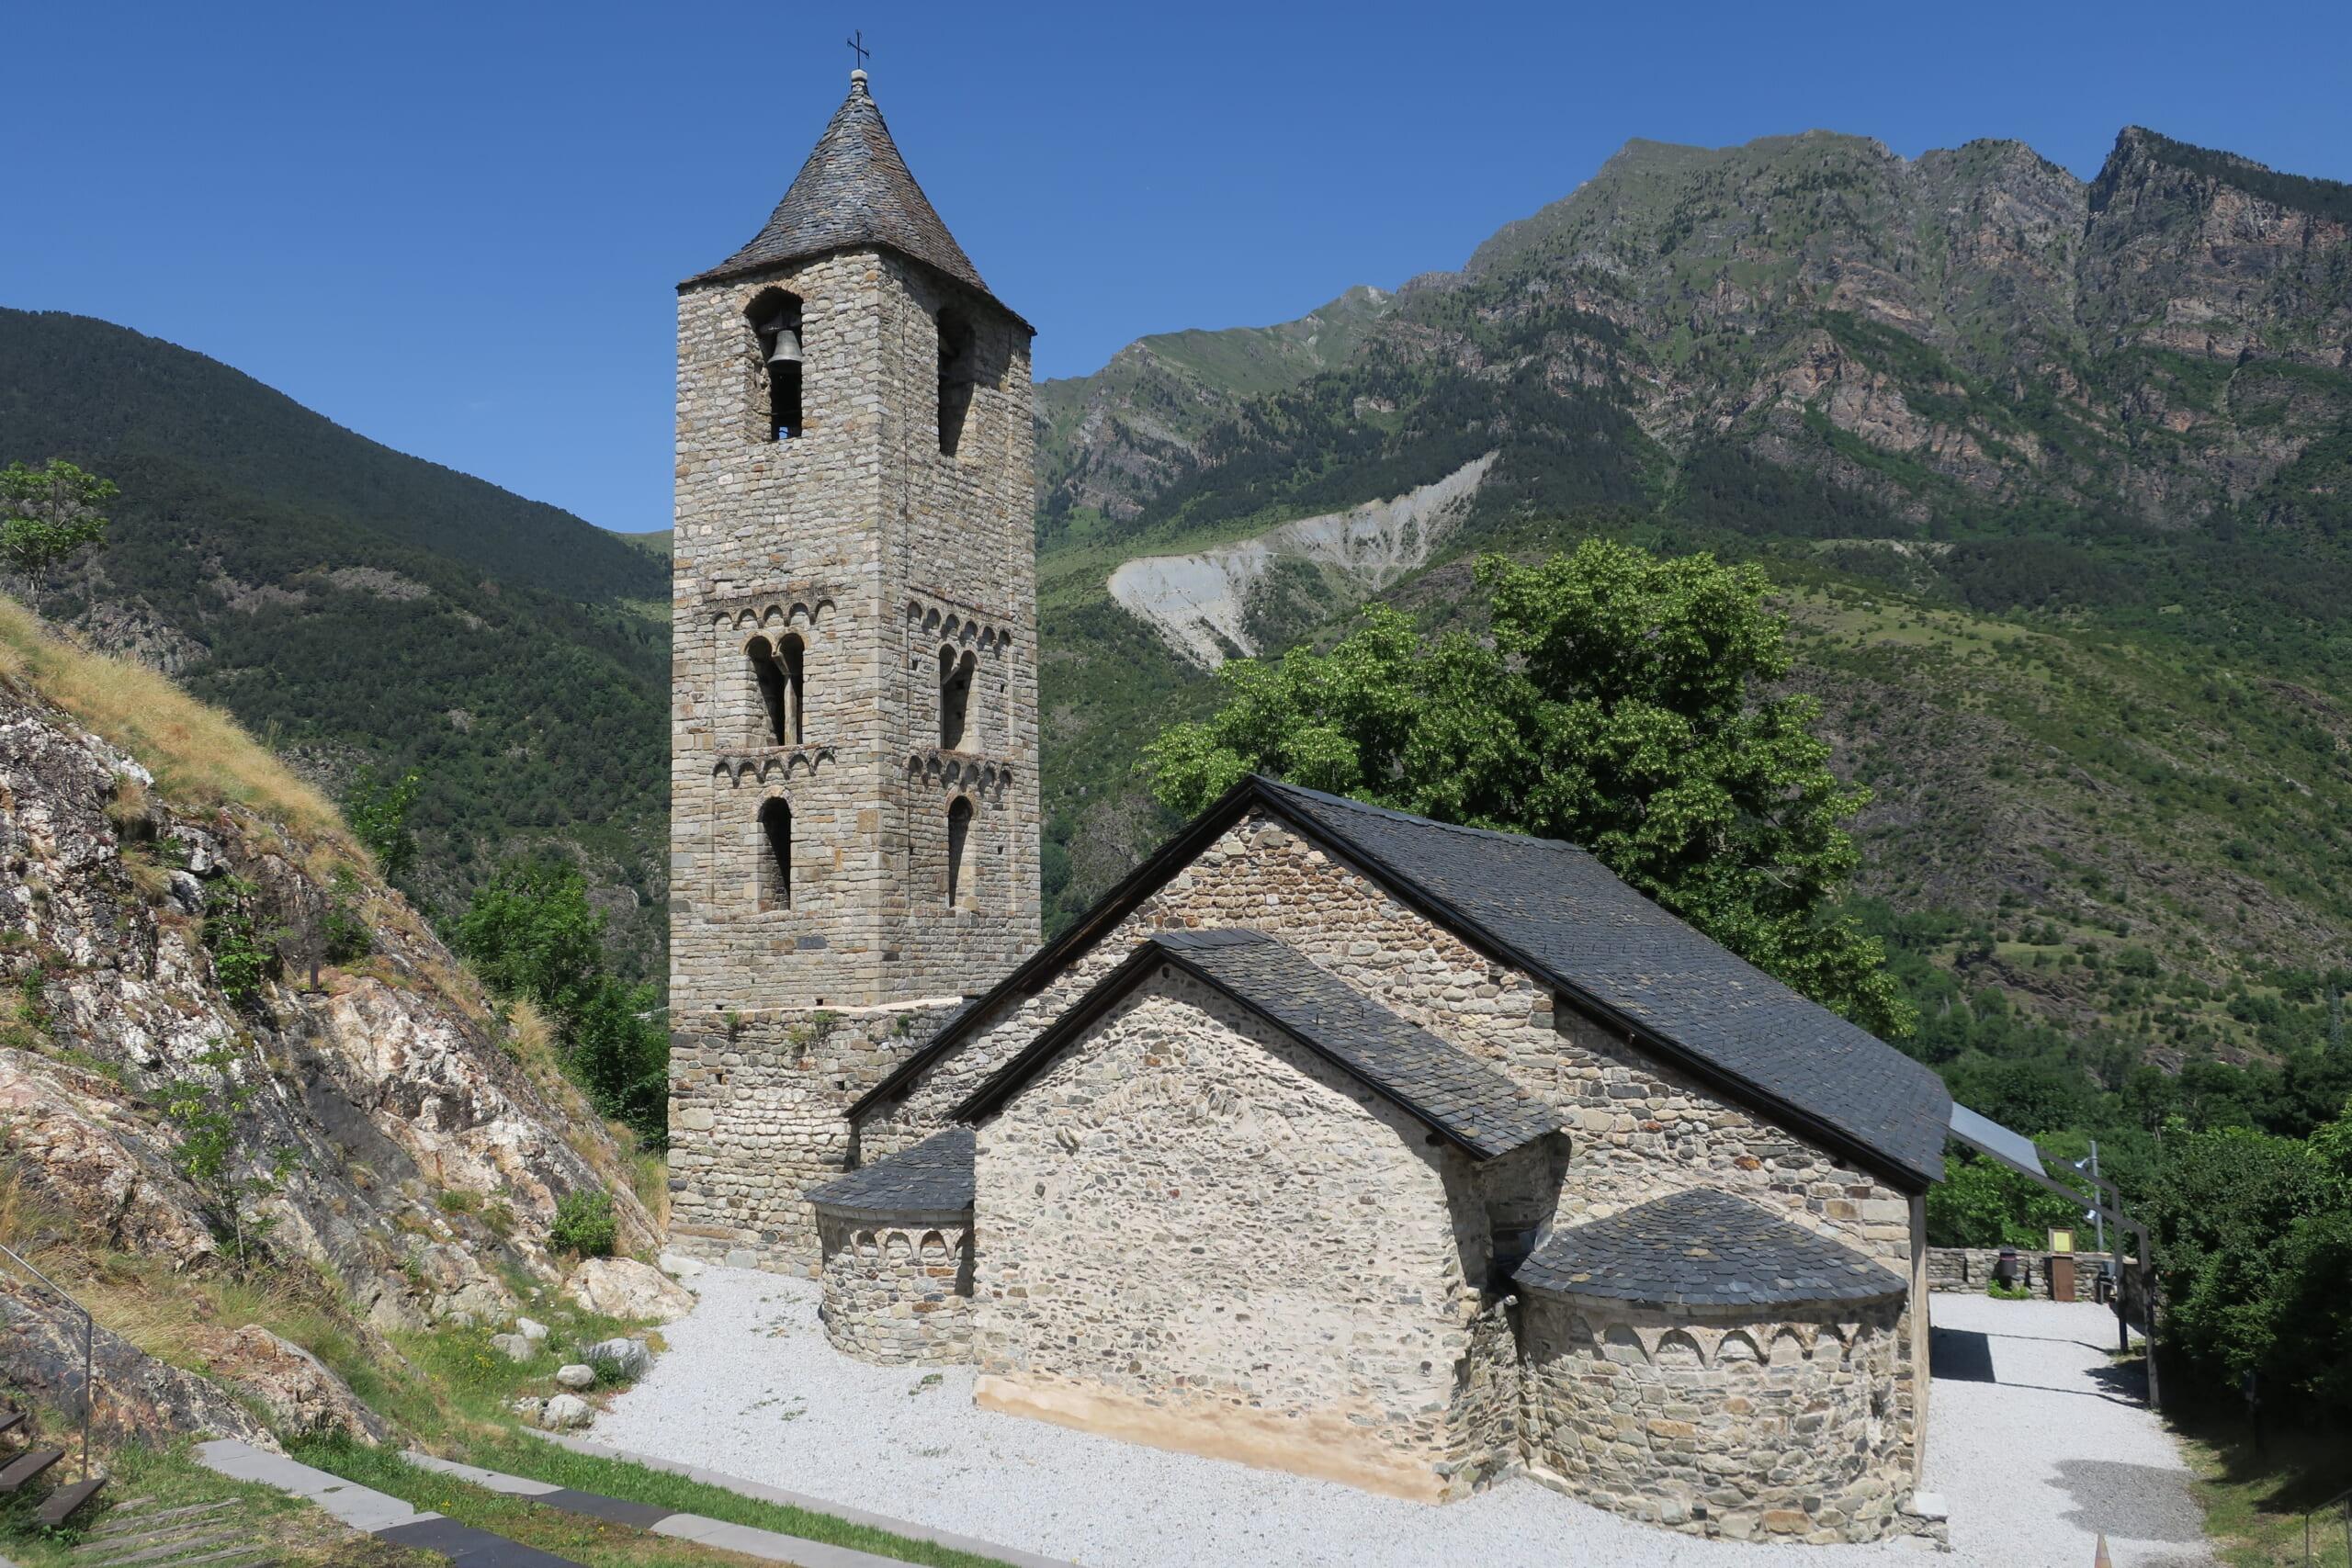 北スペインの観光スポットであるカタルーニャのボイ渓谷